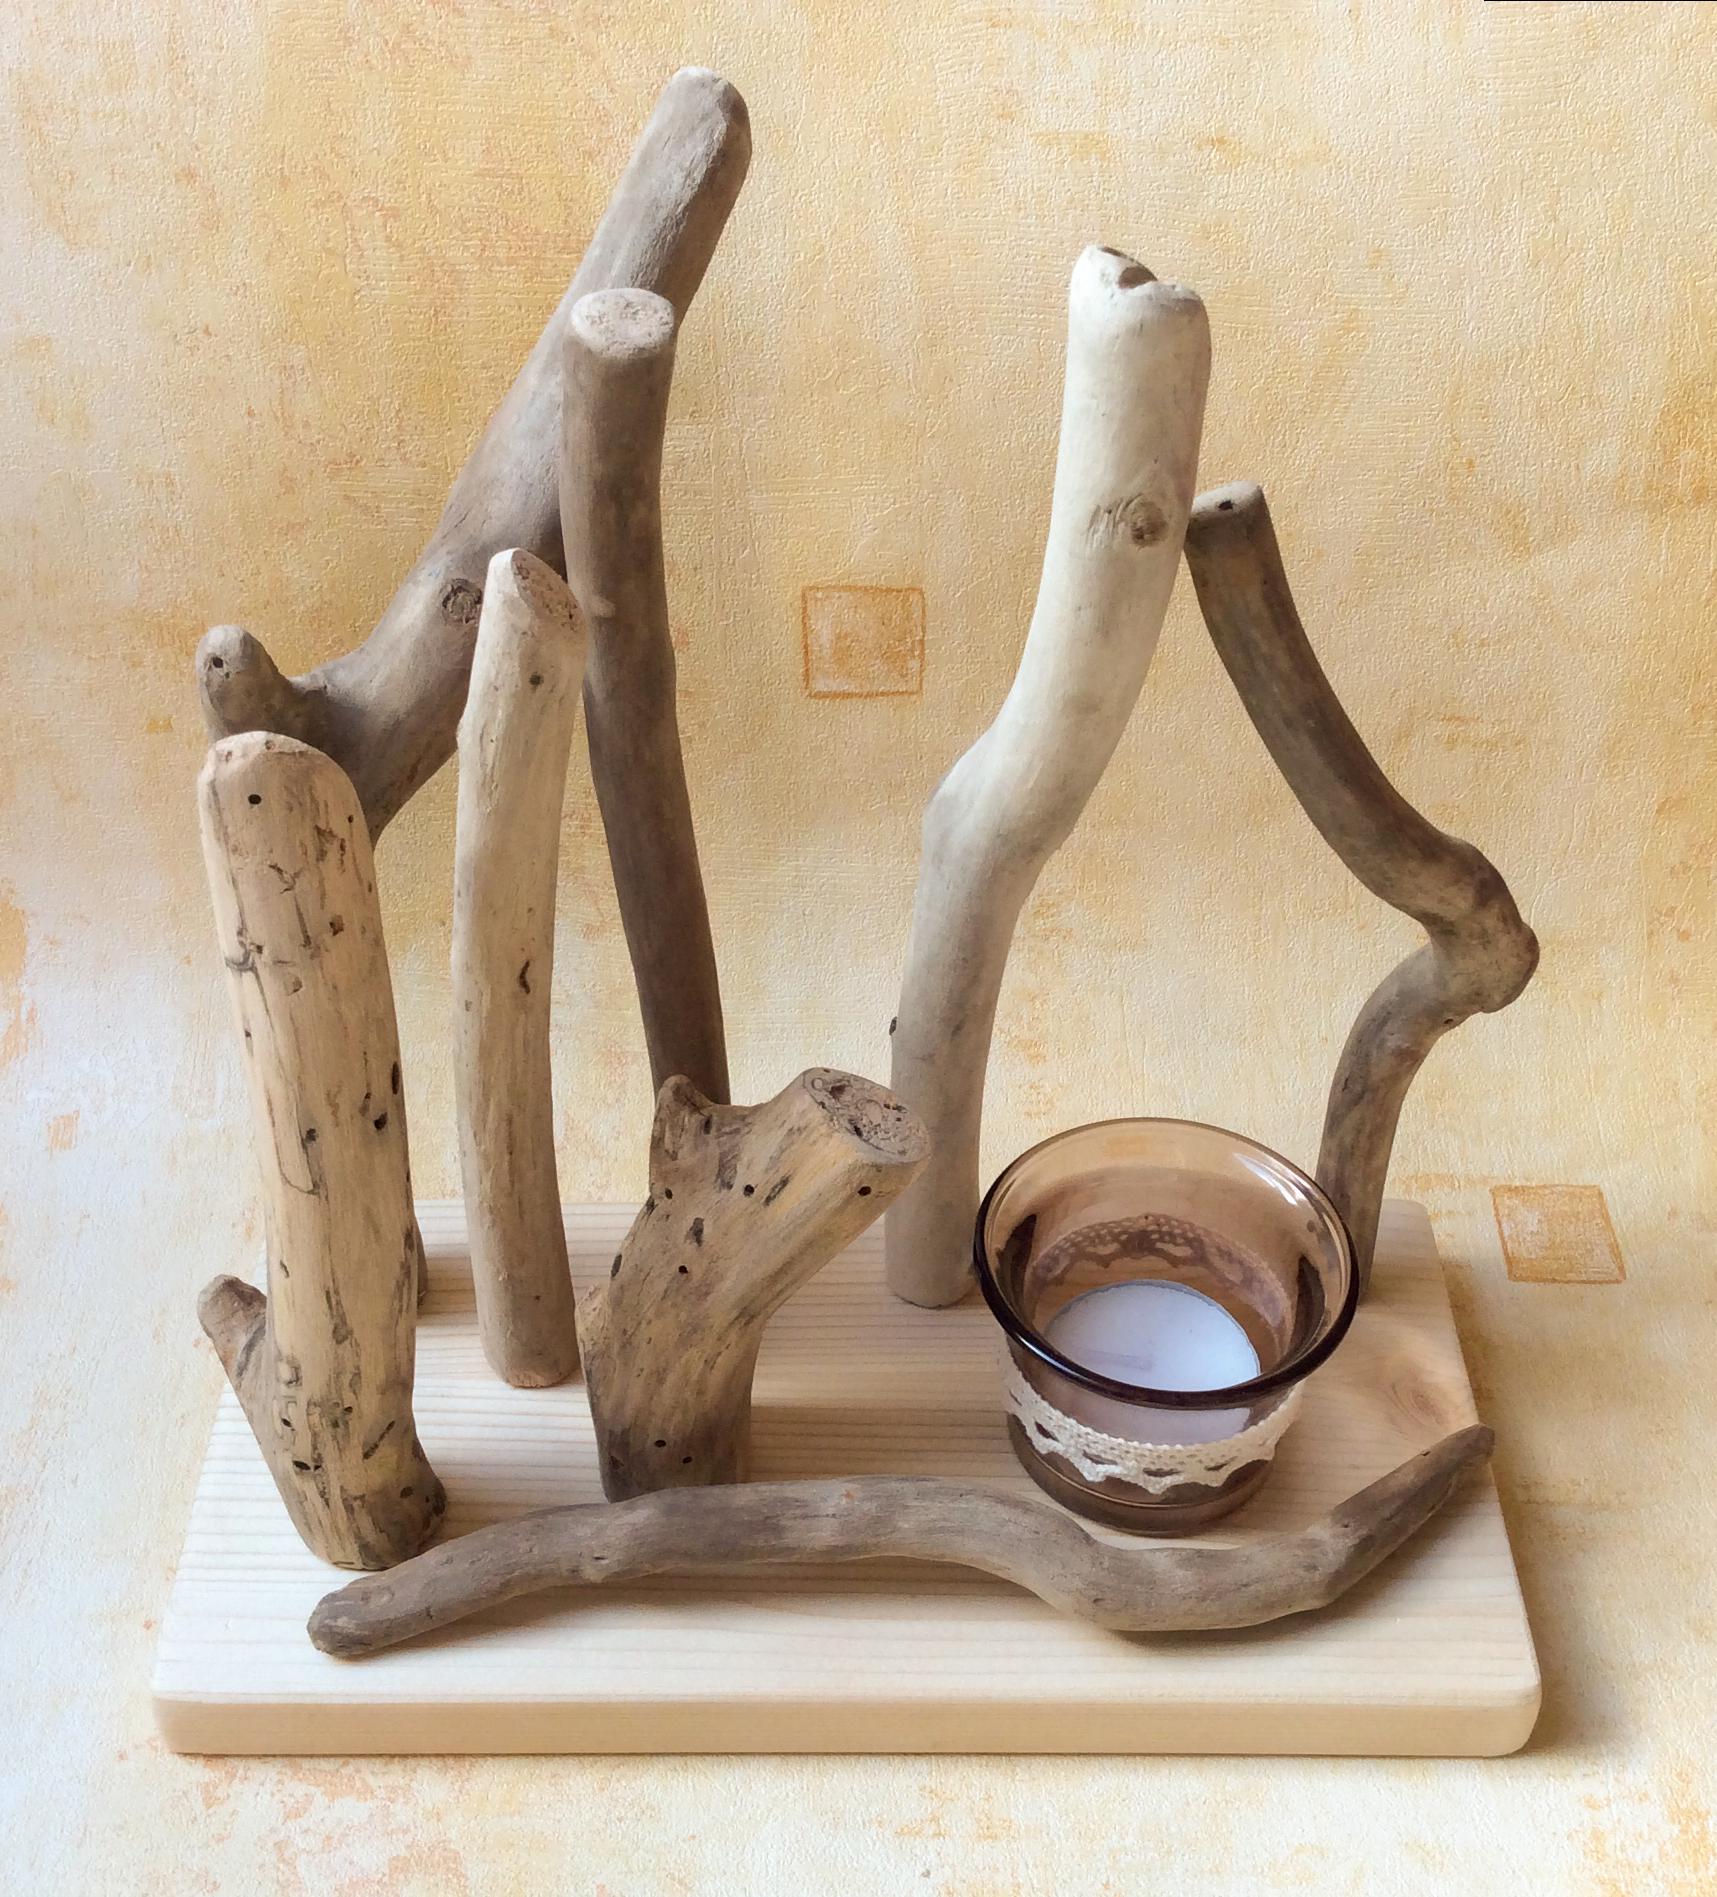 pingl par ronald putman sur art to try d co bois. Black Bedroom Furniture Sets. Home Design Ideas